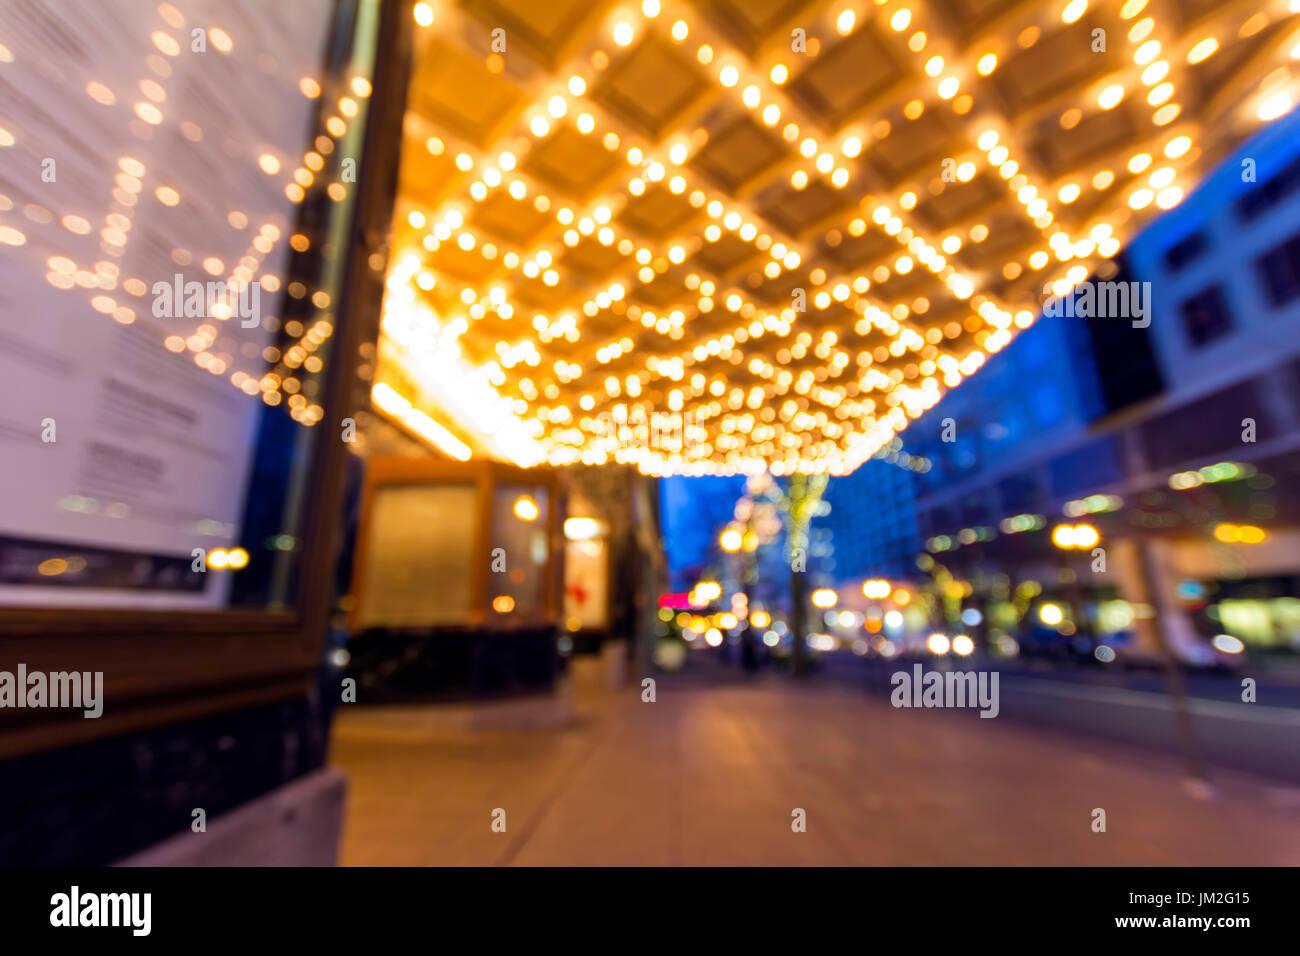 Le centre-ville de Portland (Oregon), du quartier commerçant et de divertissement le soir Heure bleue avec chapiteau et feux arrière-plan flou floue Banque D'Images